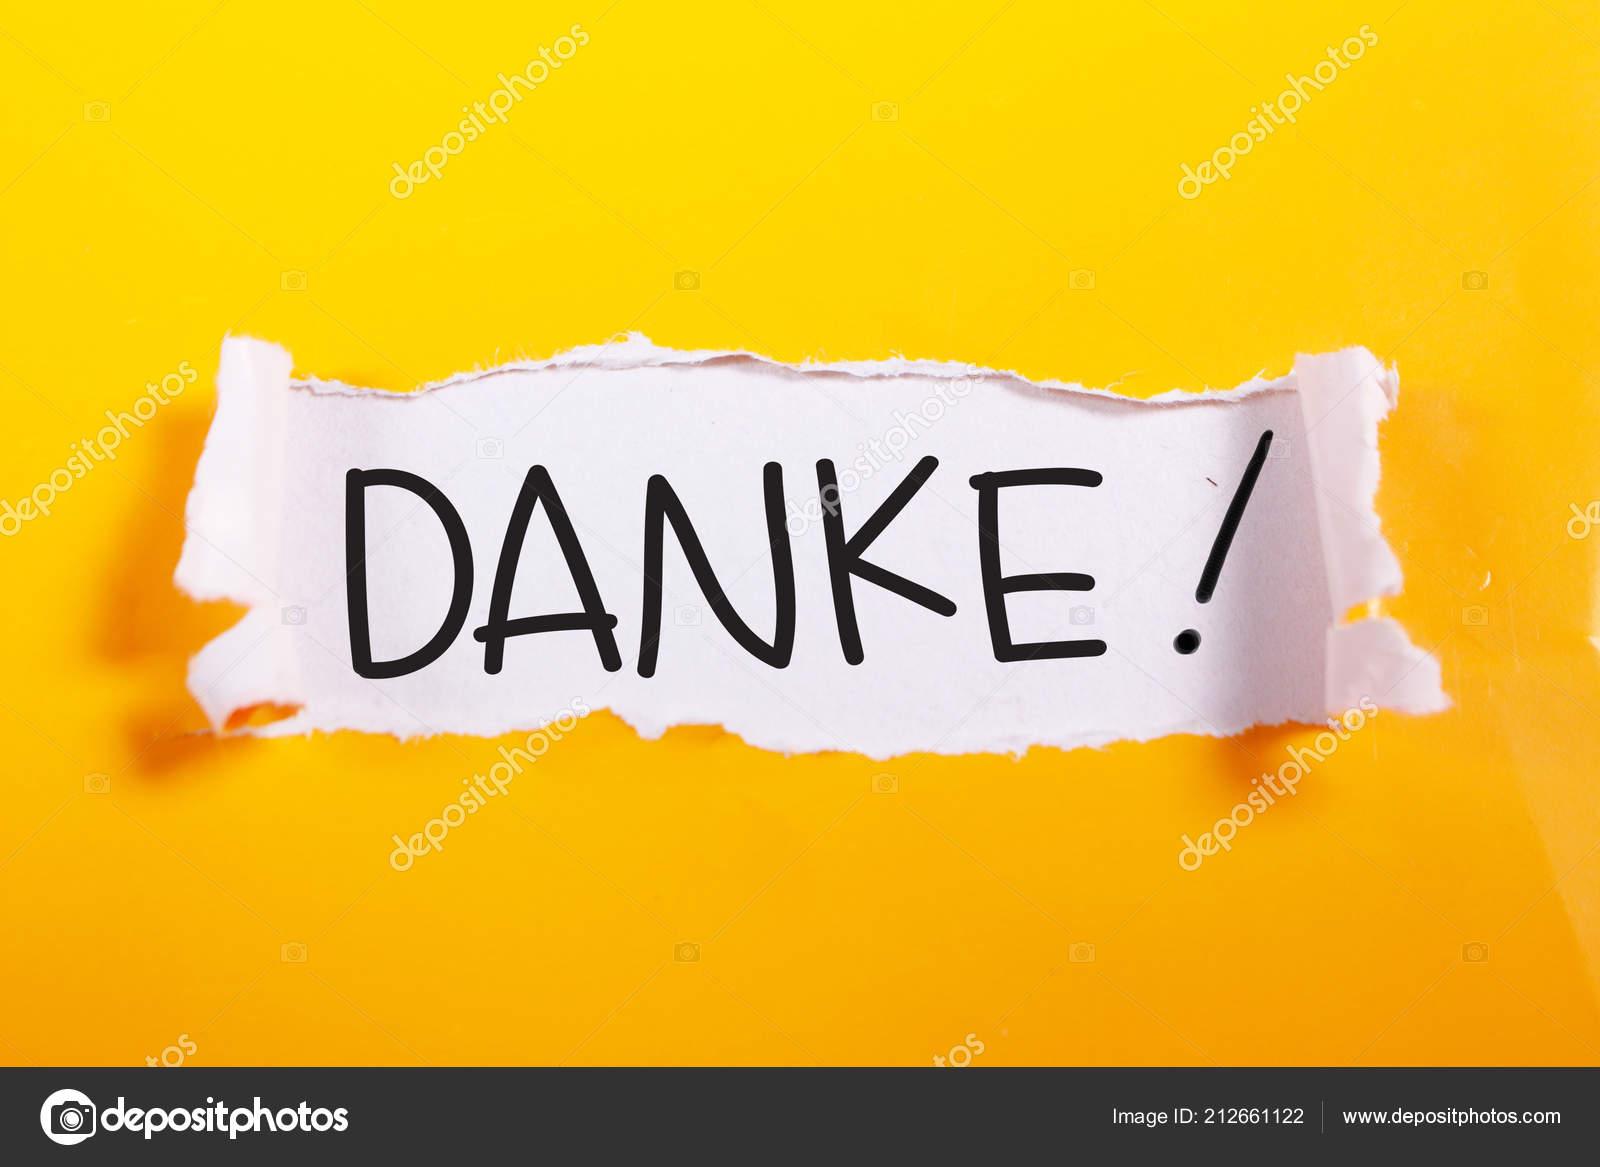 Danke Deutsch Danke Wörter Schreiben Auf Memo Zettel Geschrieben